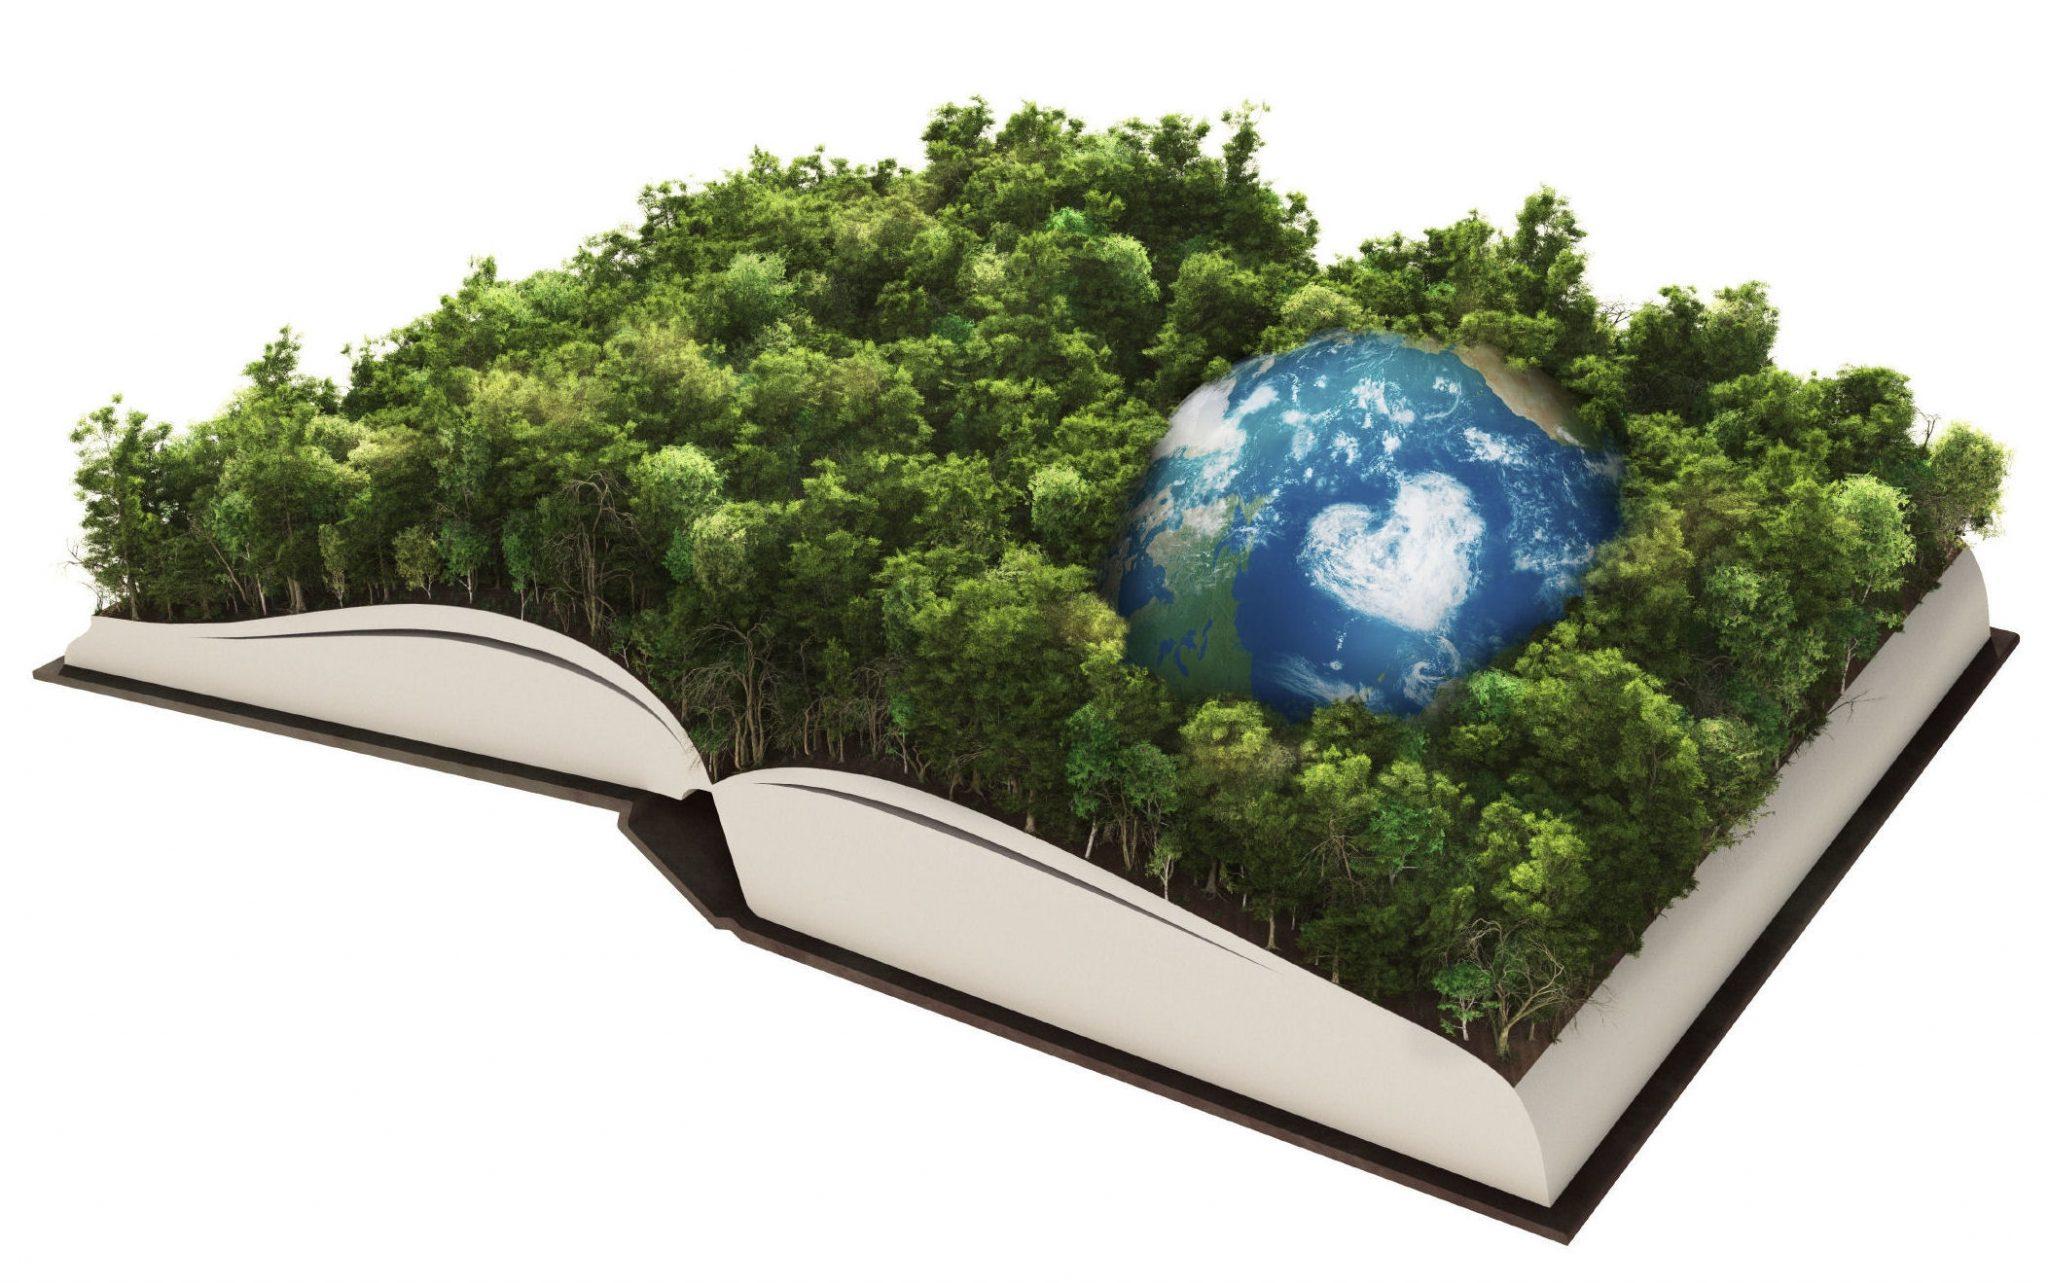 Κίνημα Αλλαγής: Διαδικτυακή εκδήλωση για το περιβάλλον